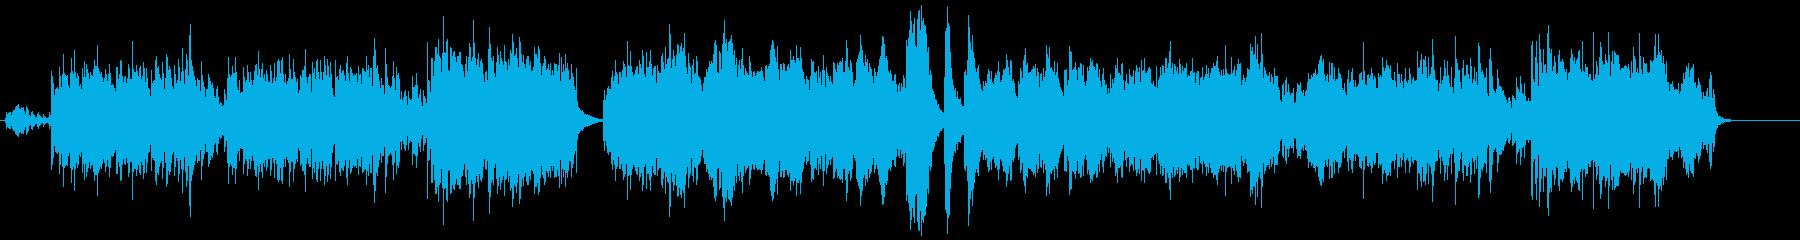 不思議なイメージ画面のクロスフェードの再生済みの波形